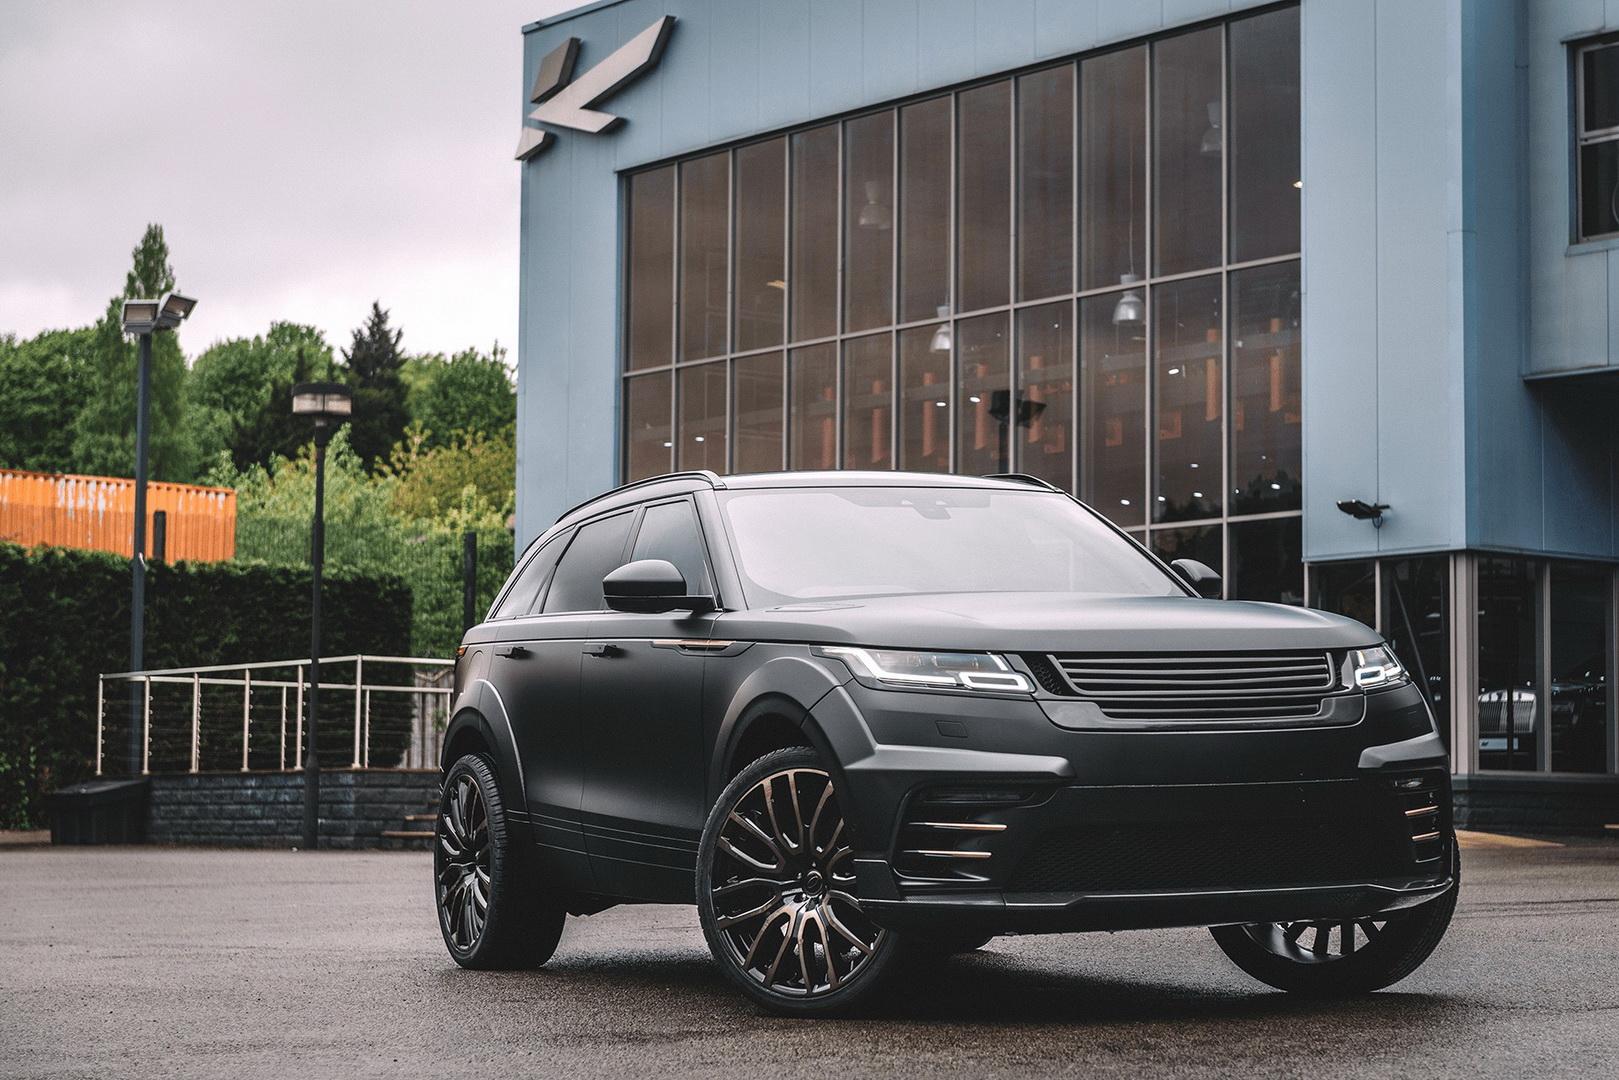 Range Rover Velar by Kahn Design